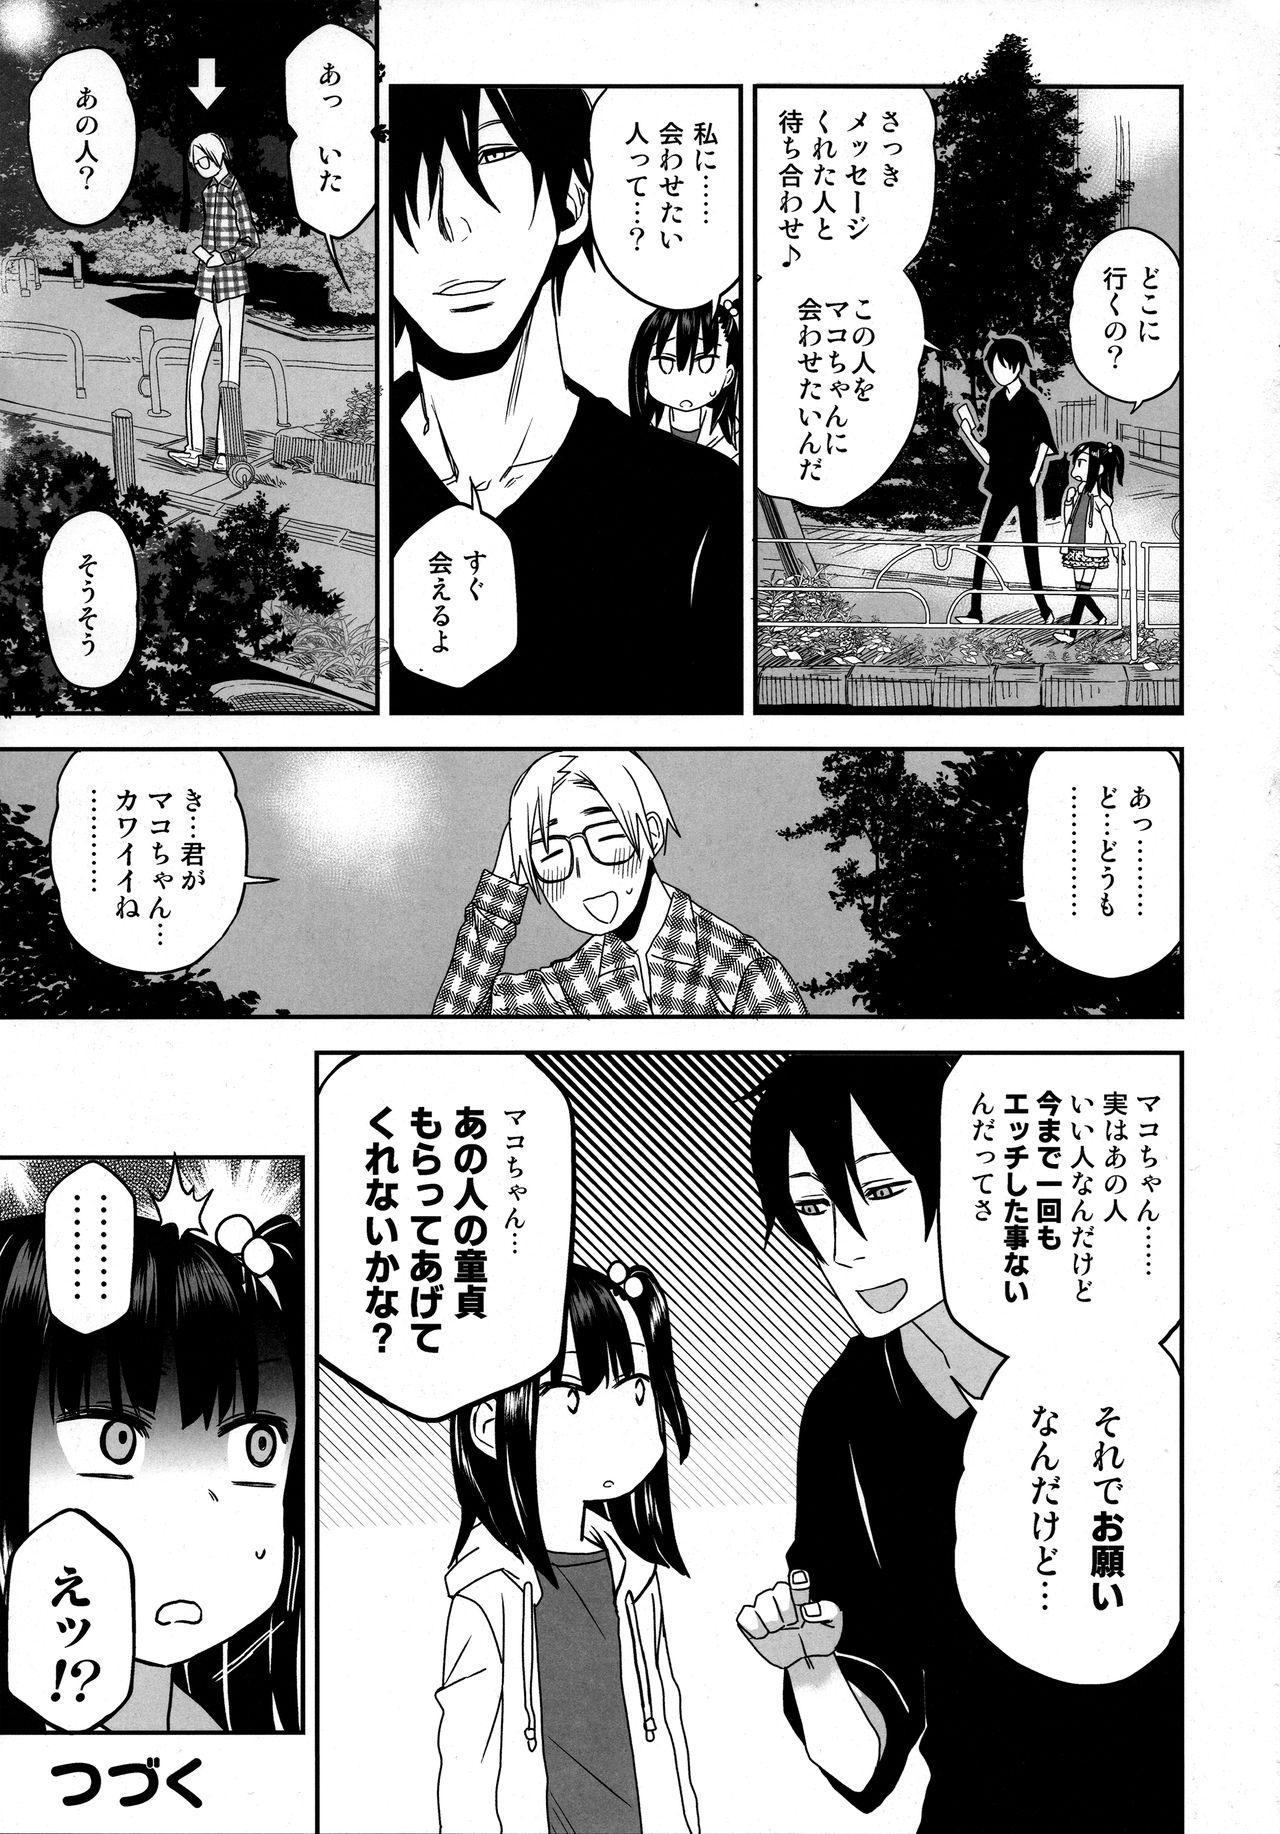 Tonari no Mako-chan Season 2 Vol. 1 26